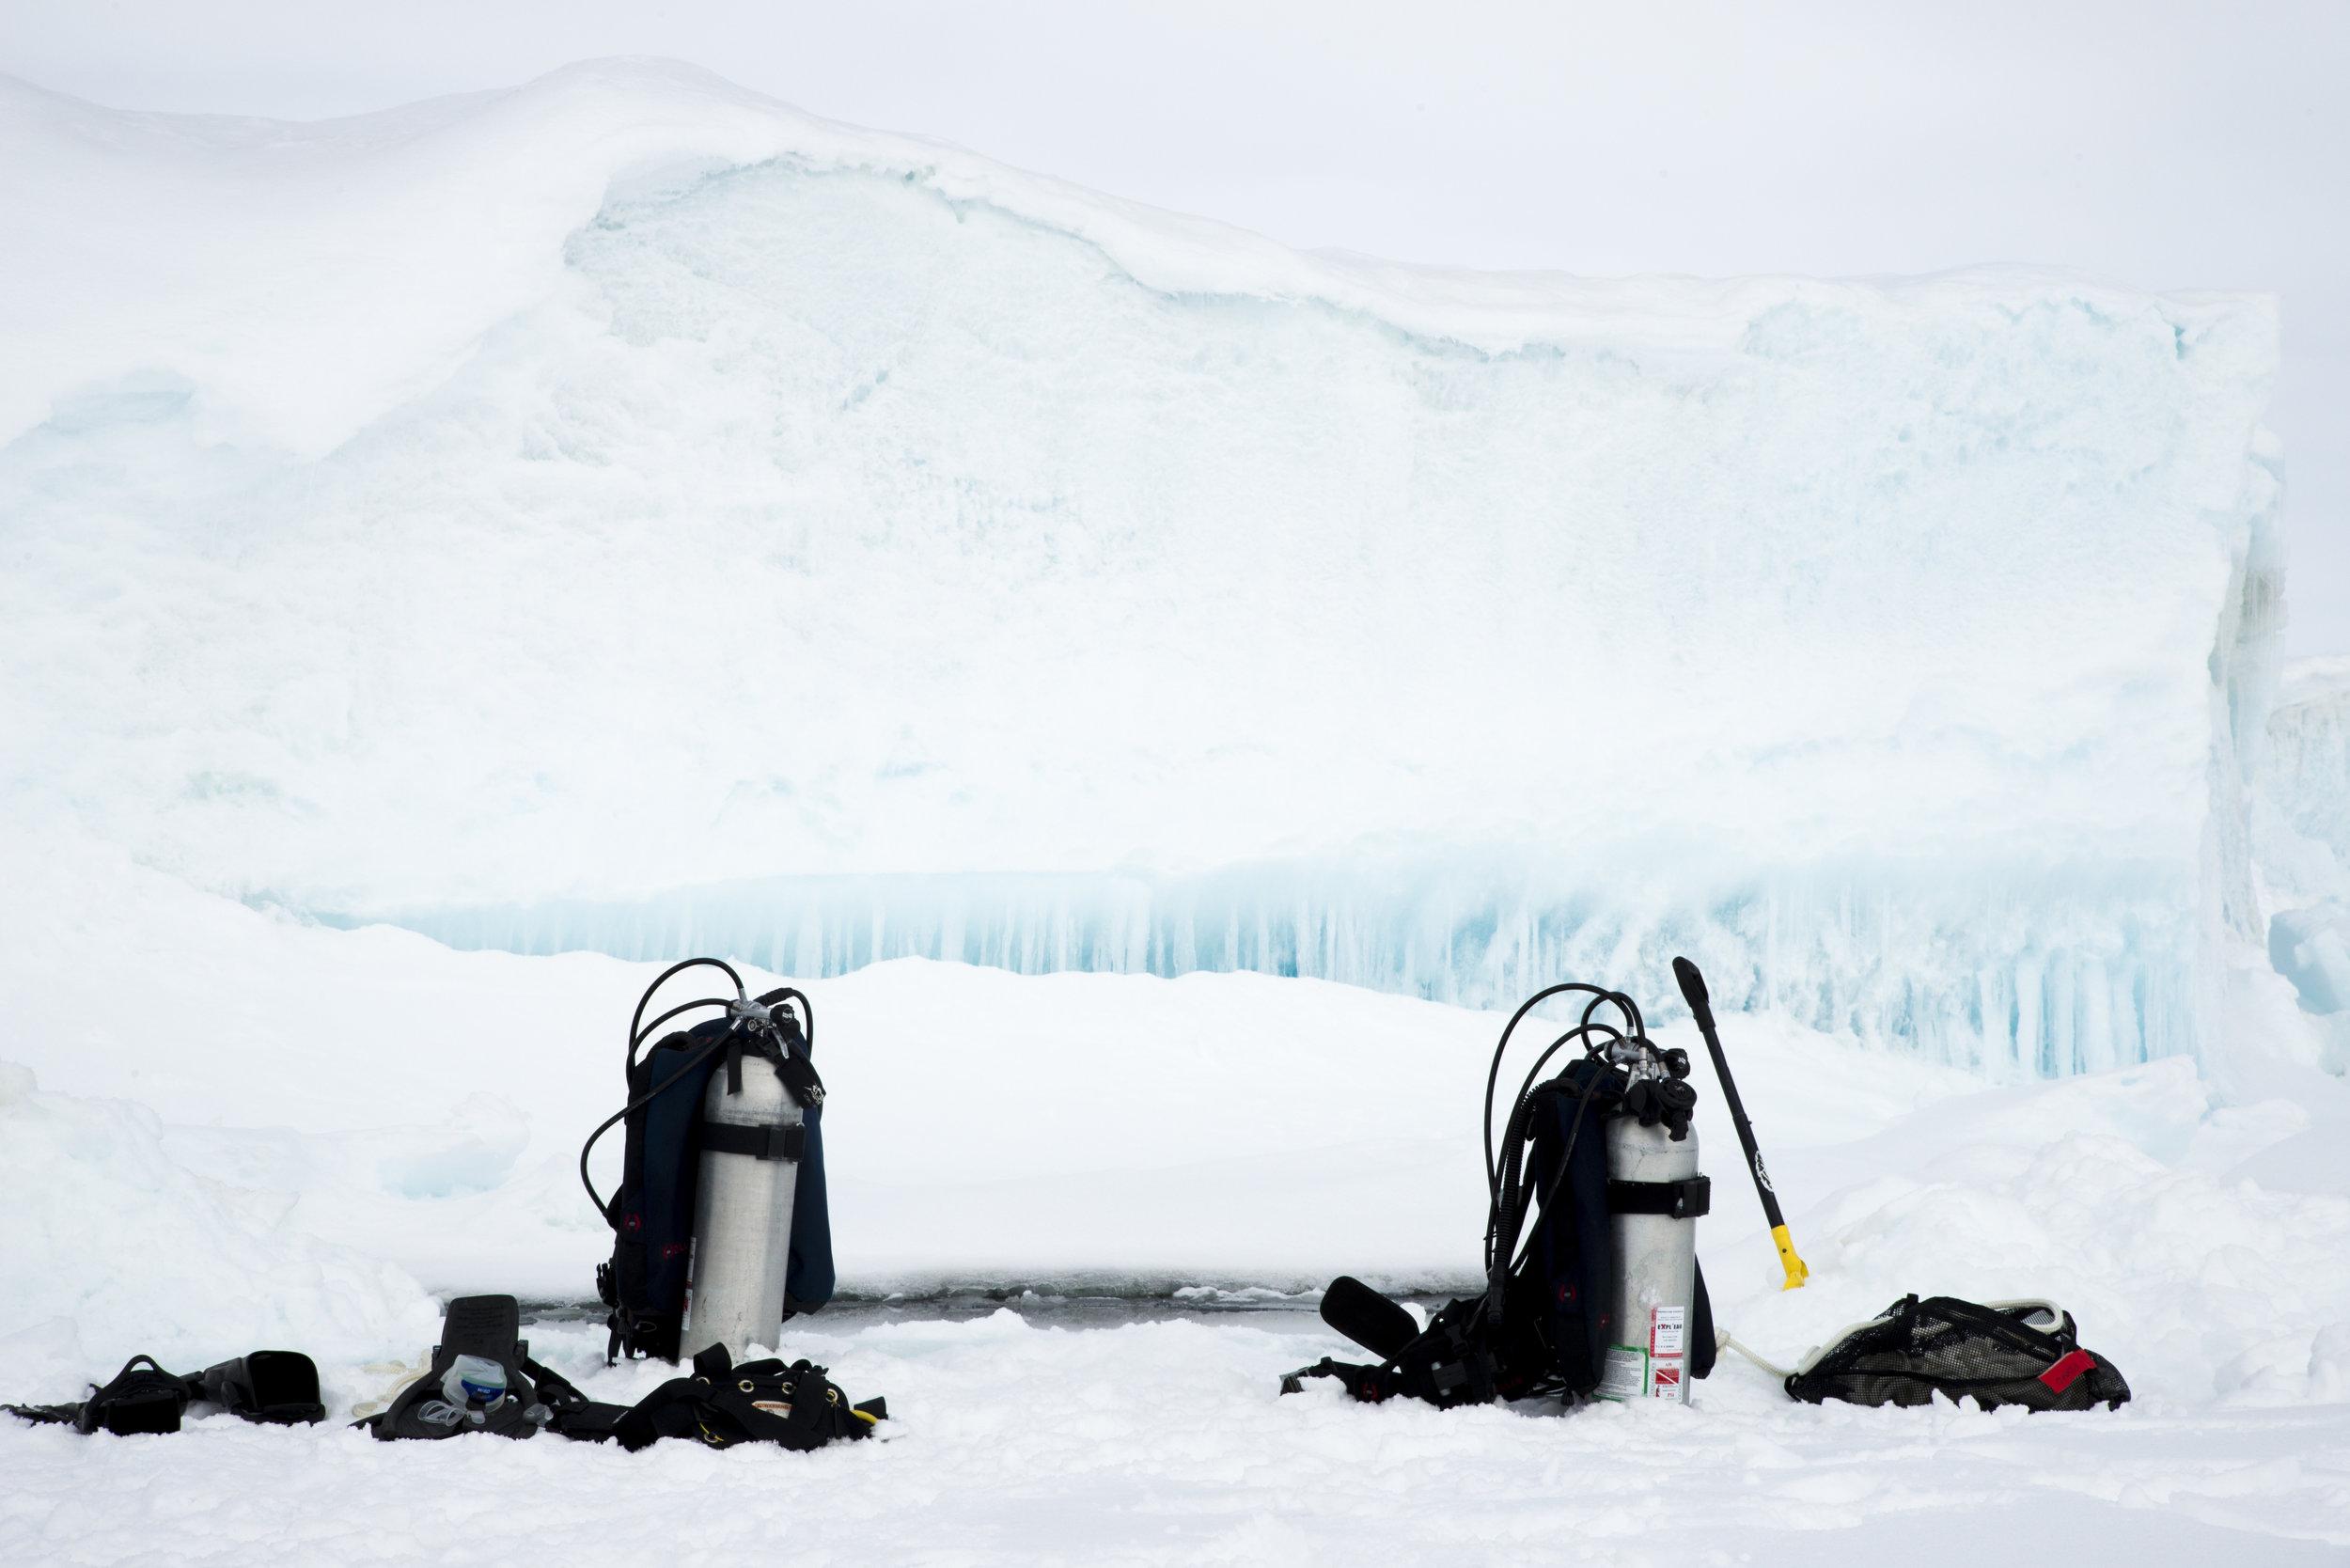 Credit: Françoise Gervais / Arctic Kingdom